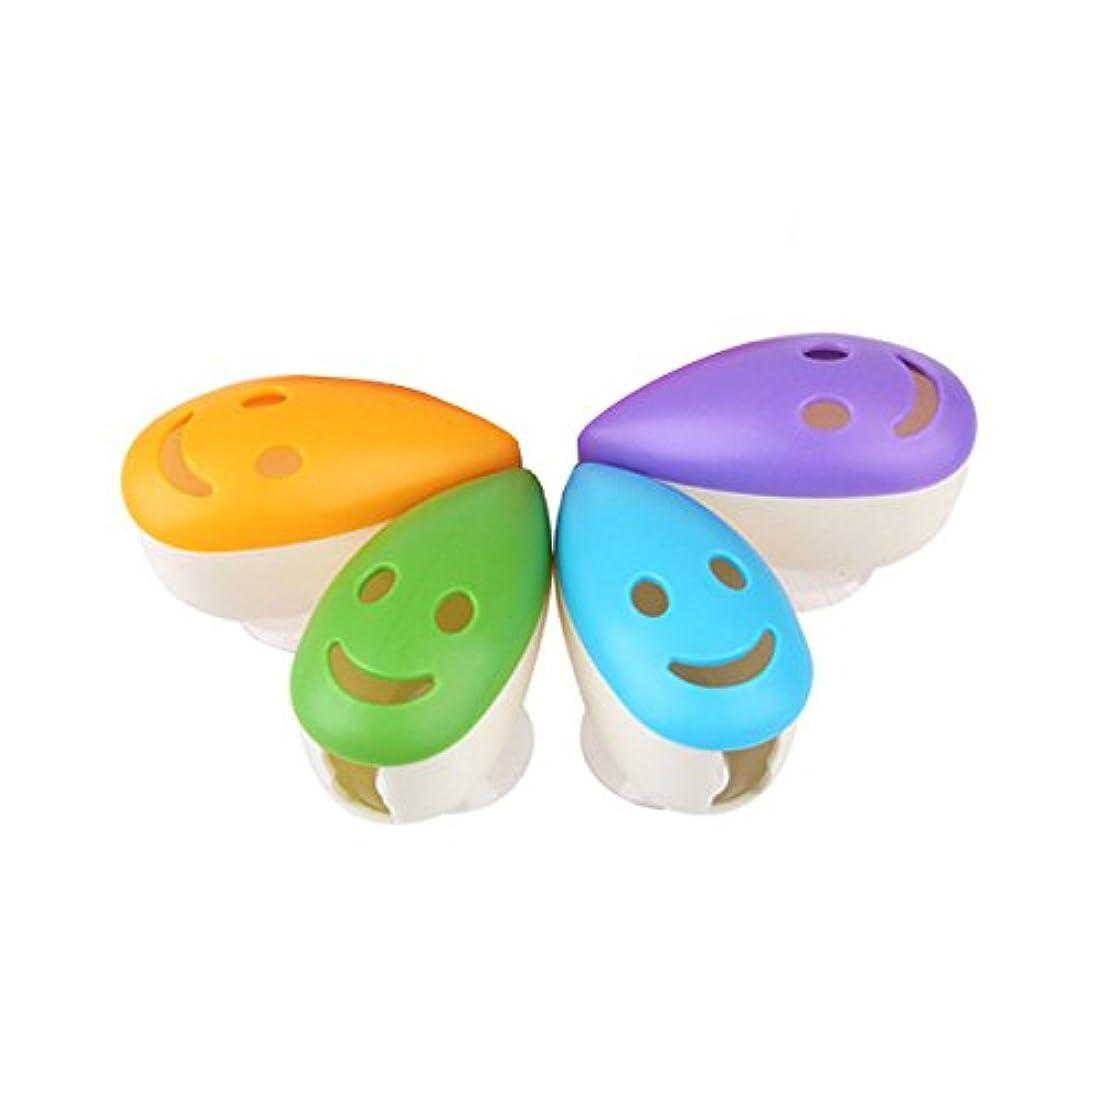 トリクル錆び排泄するROSENICE スマイルフェイス抗菌歯ブラシヘッドホルダーサクションカップ4本用